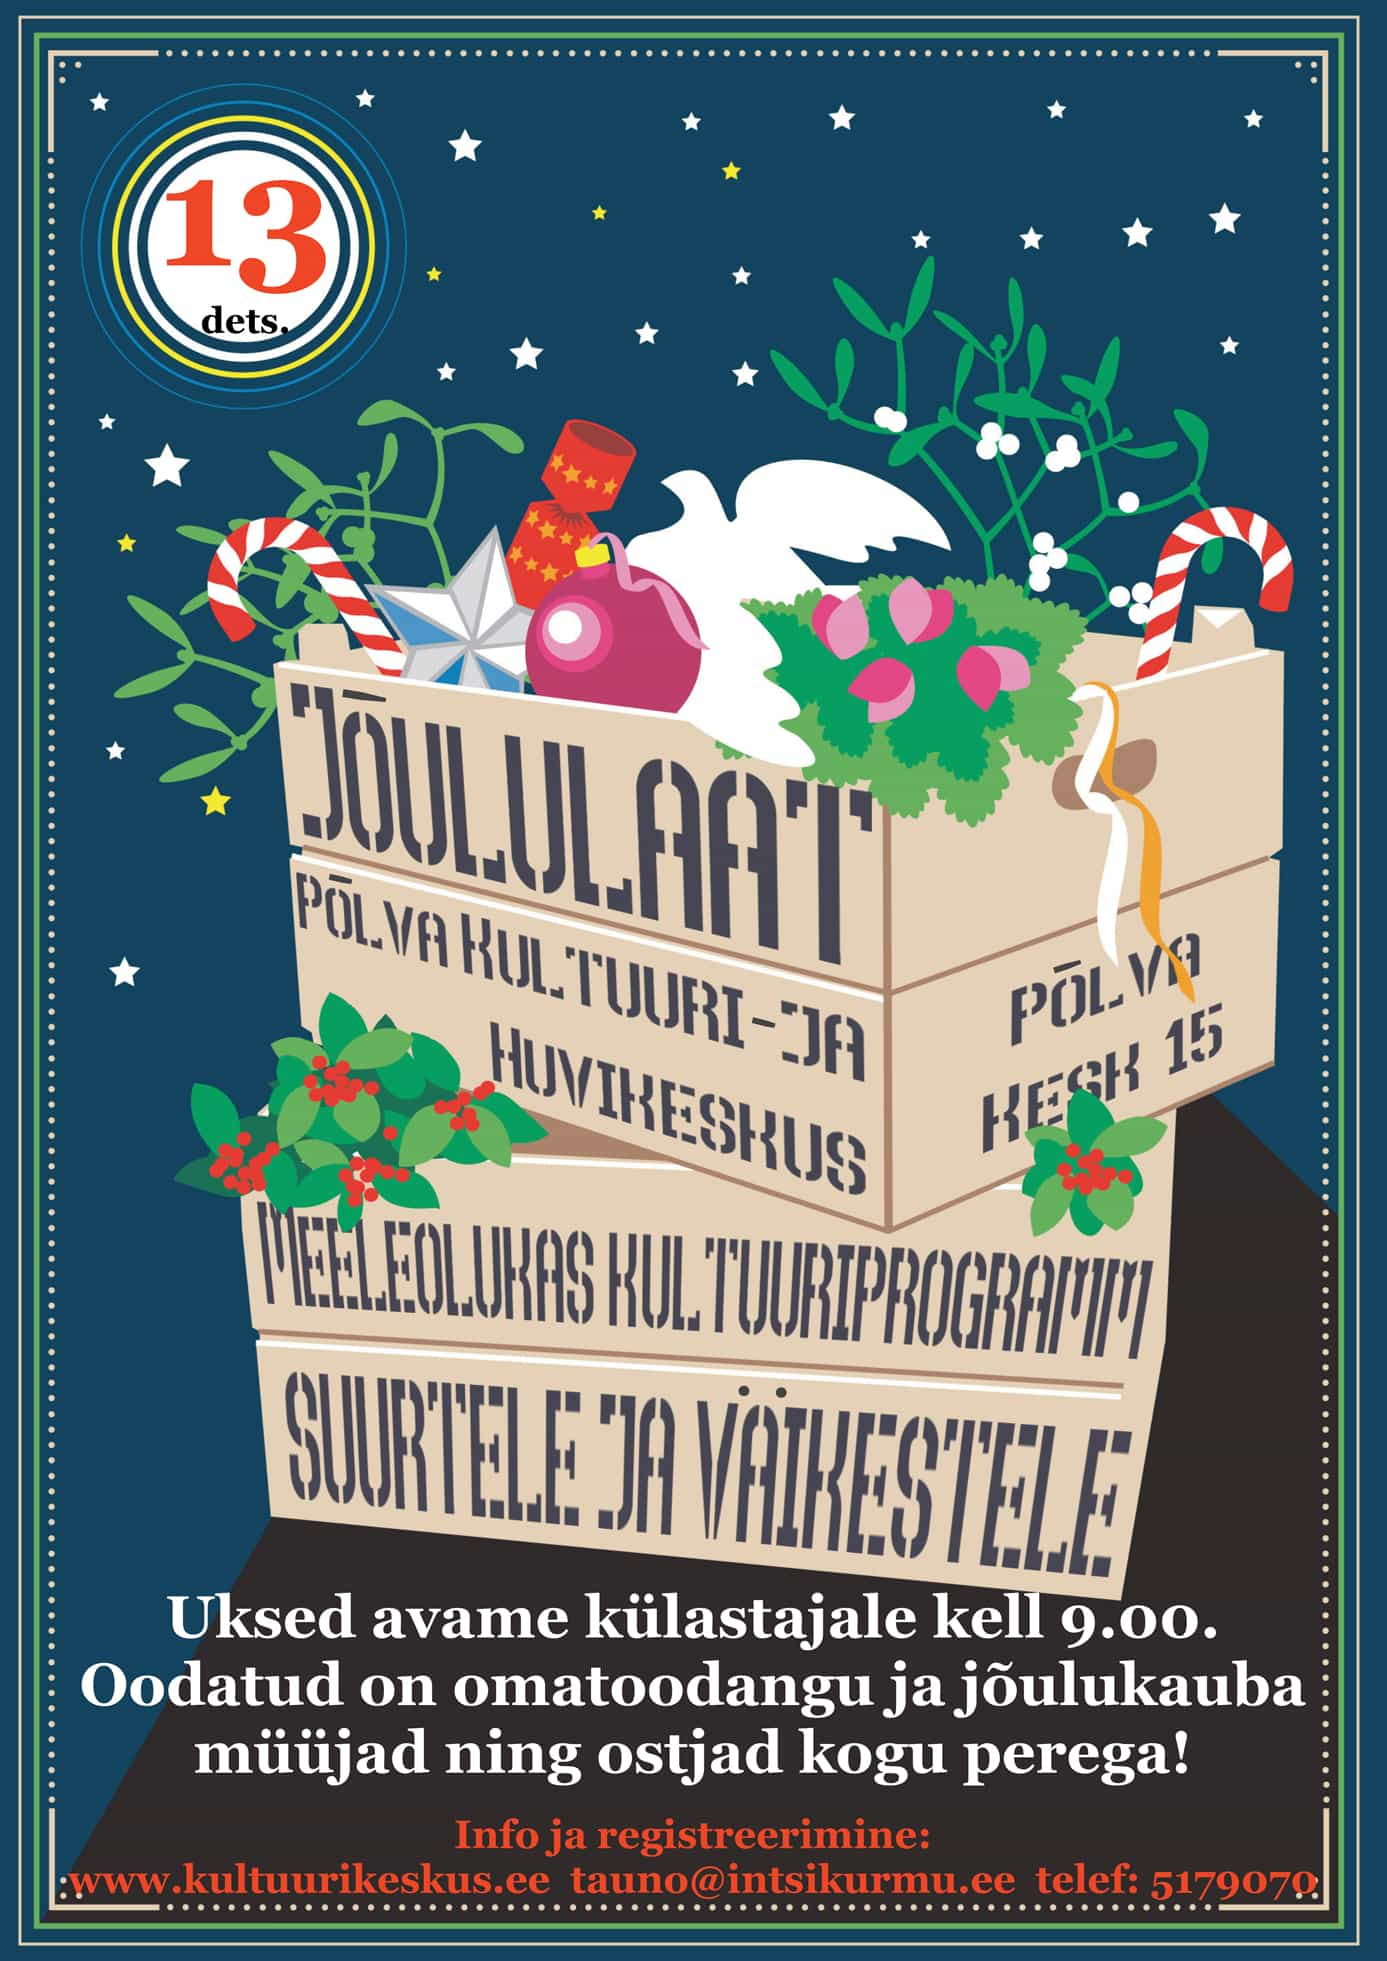 Jõululaatveeb2014